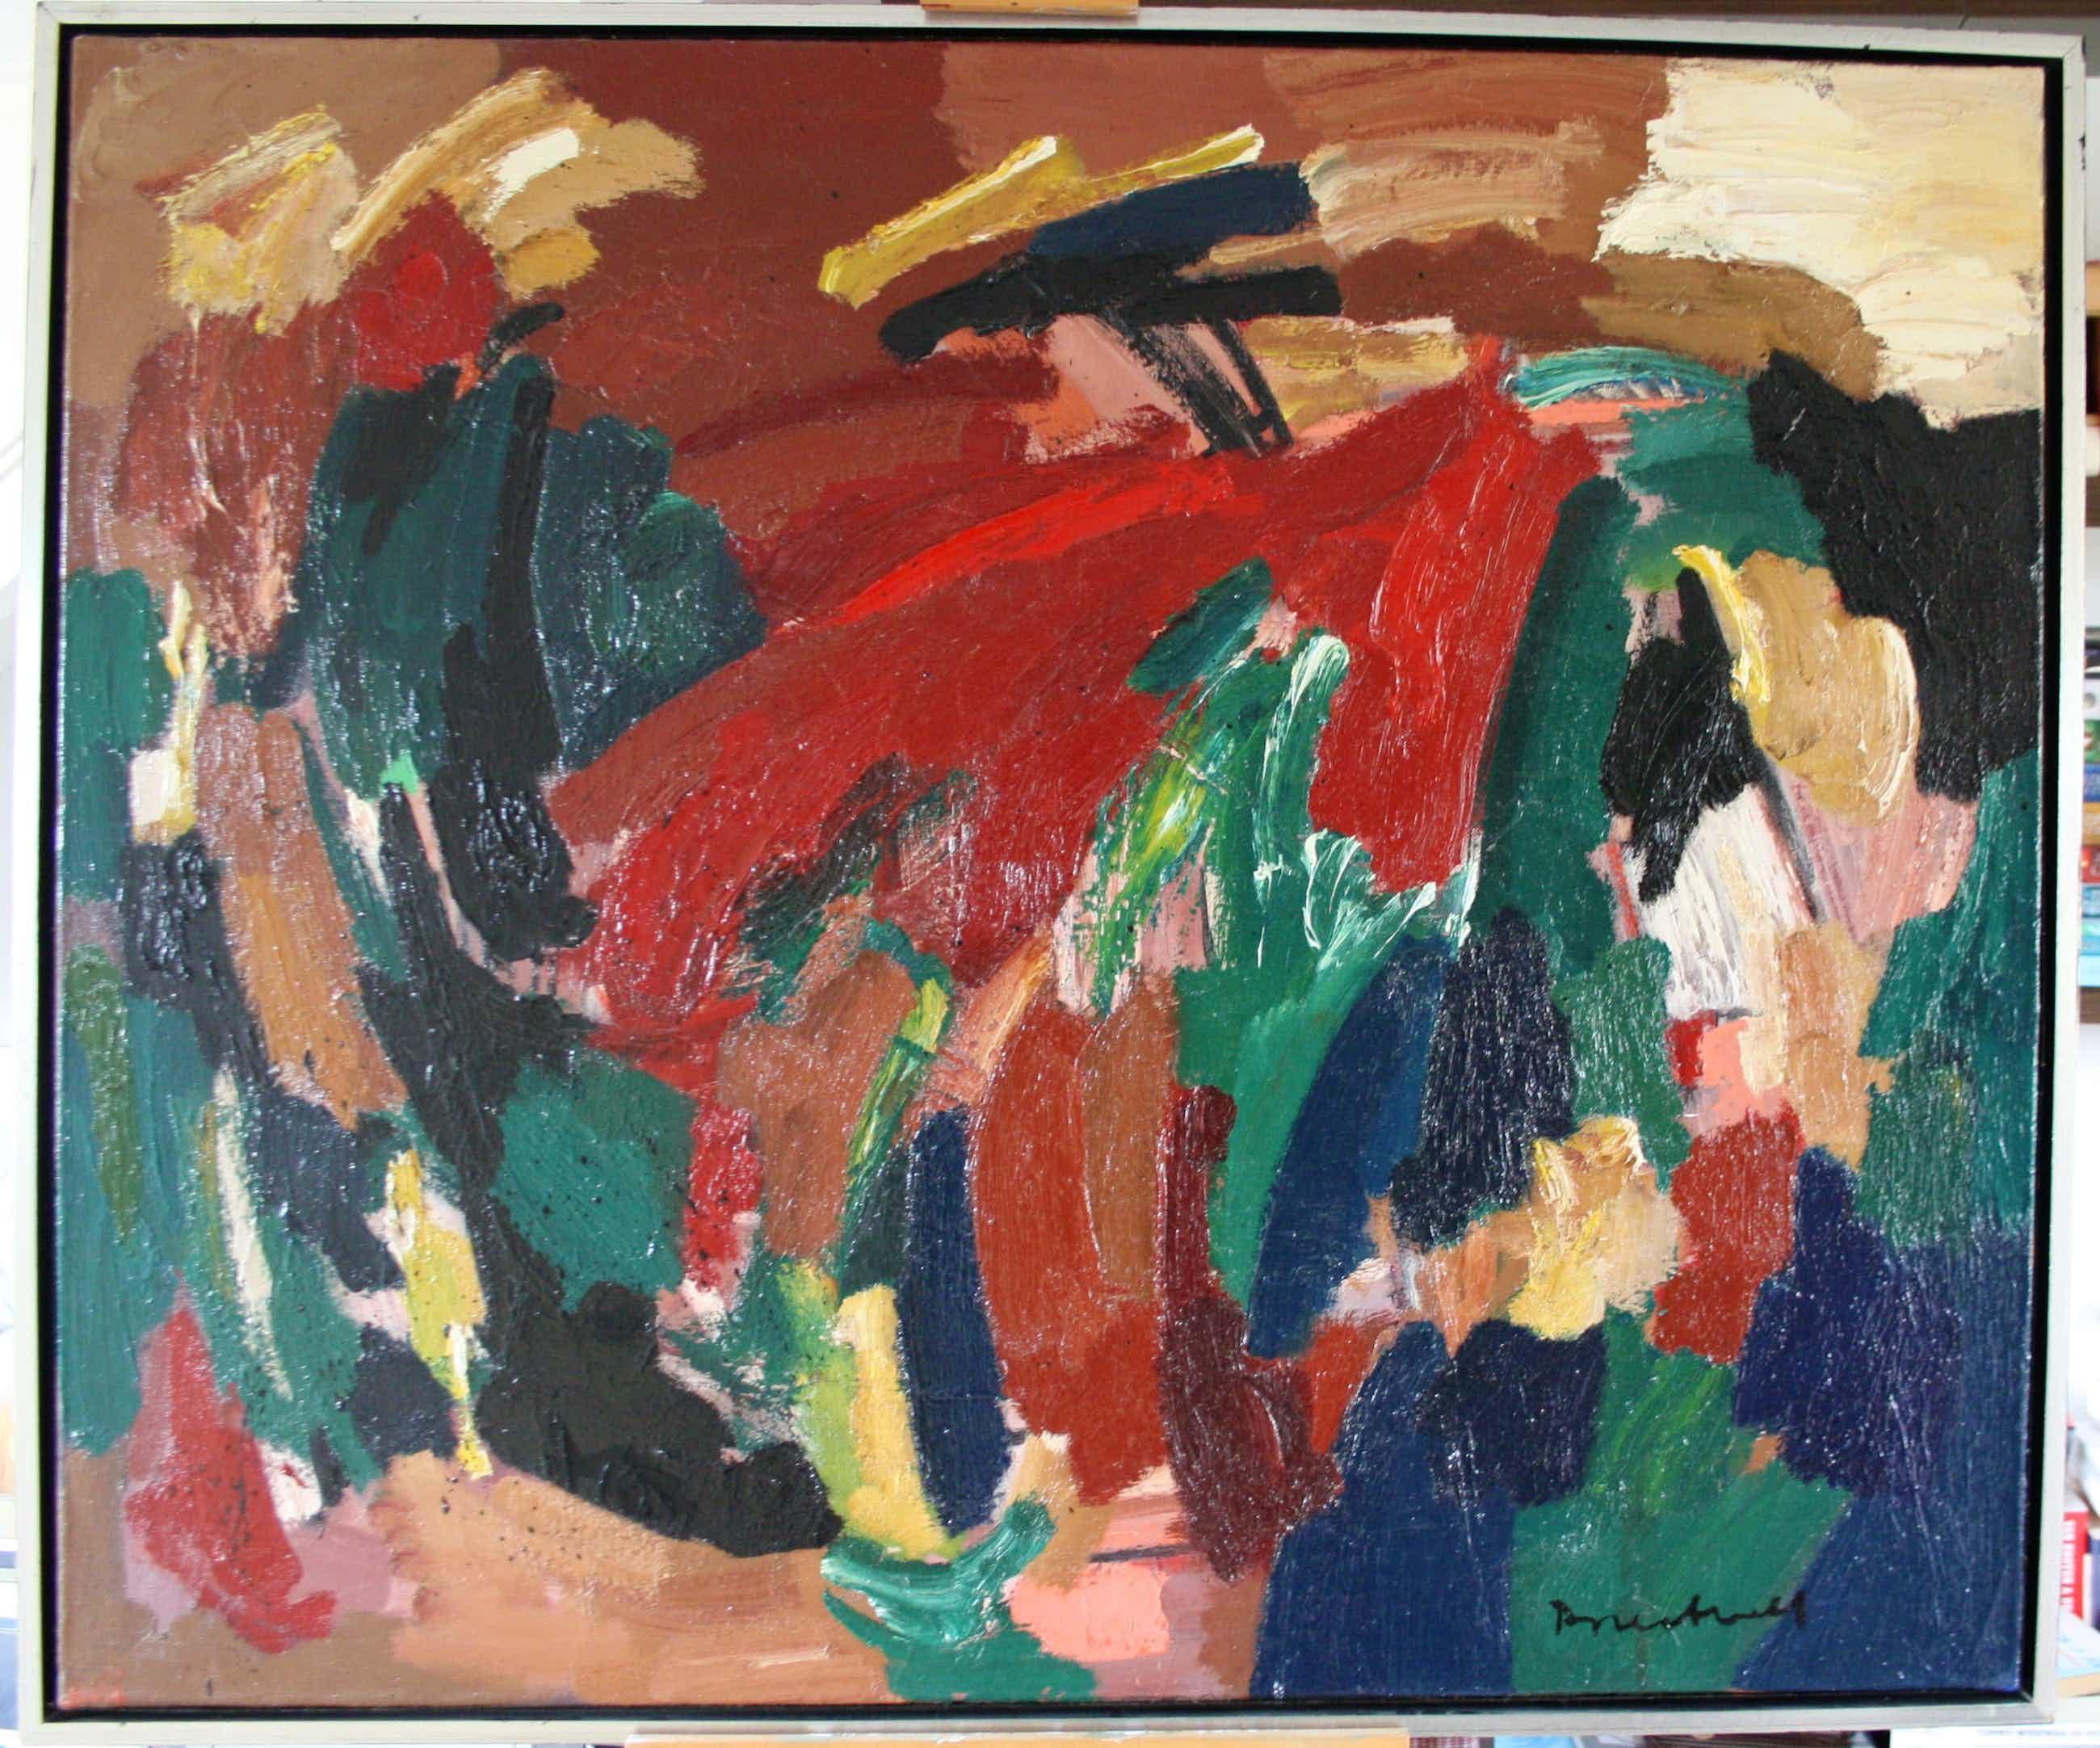 Dolf Breetvelt - Abstracte Compositie kopen? Bied vanaf 1900!